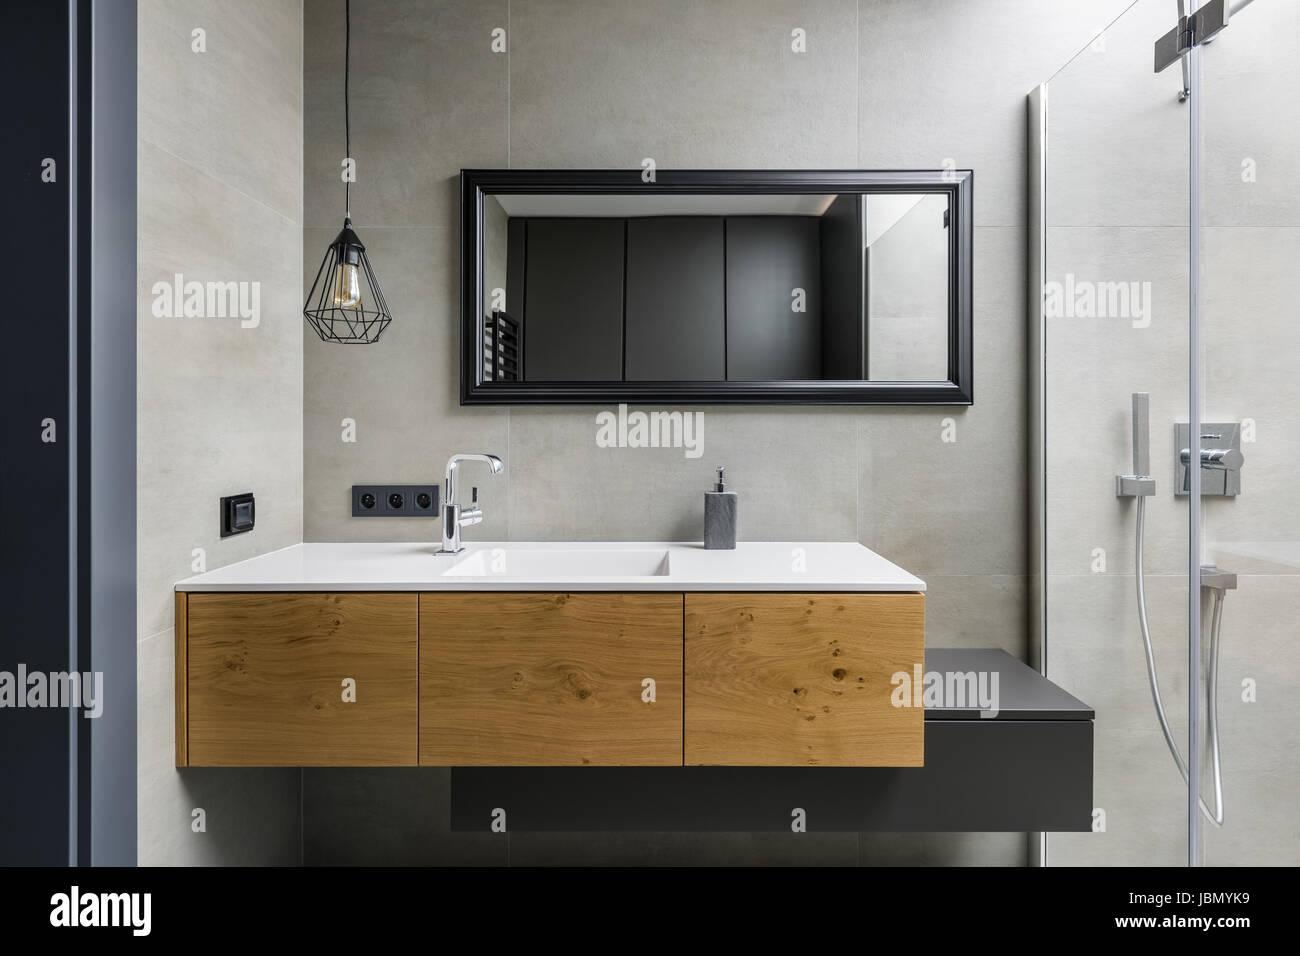 Graue Badezimmer mit modernen Arbeitsplatte Waschbecken, Spiegel und ...